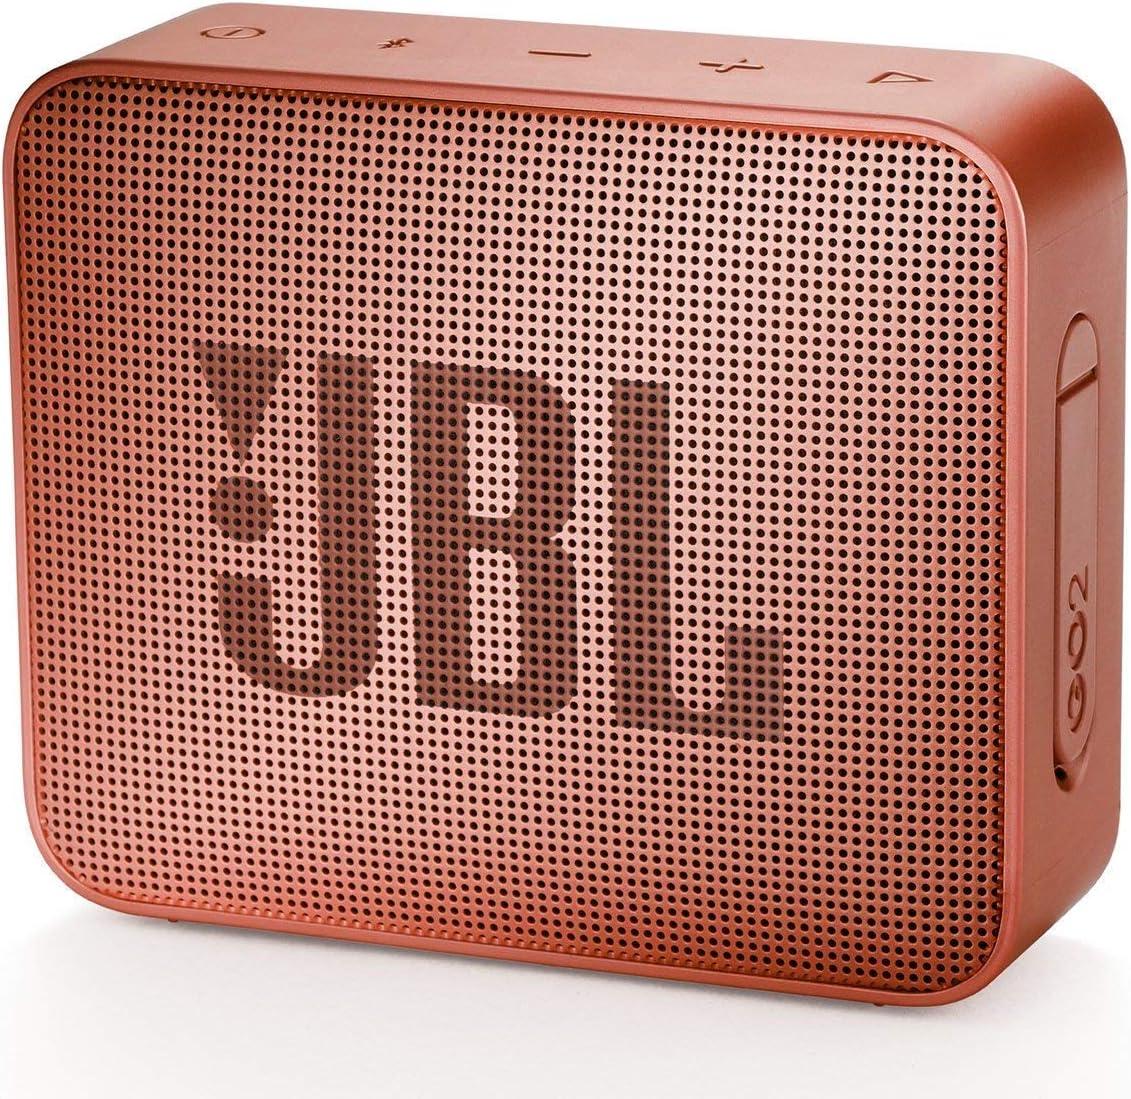 JBL GO2 Waterproof Ultra Portable Bluetooth Speaker Blue JBLGO2BLUAM